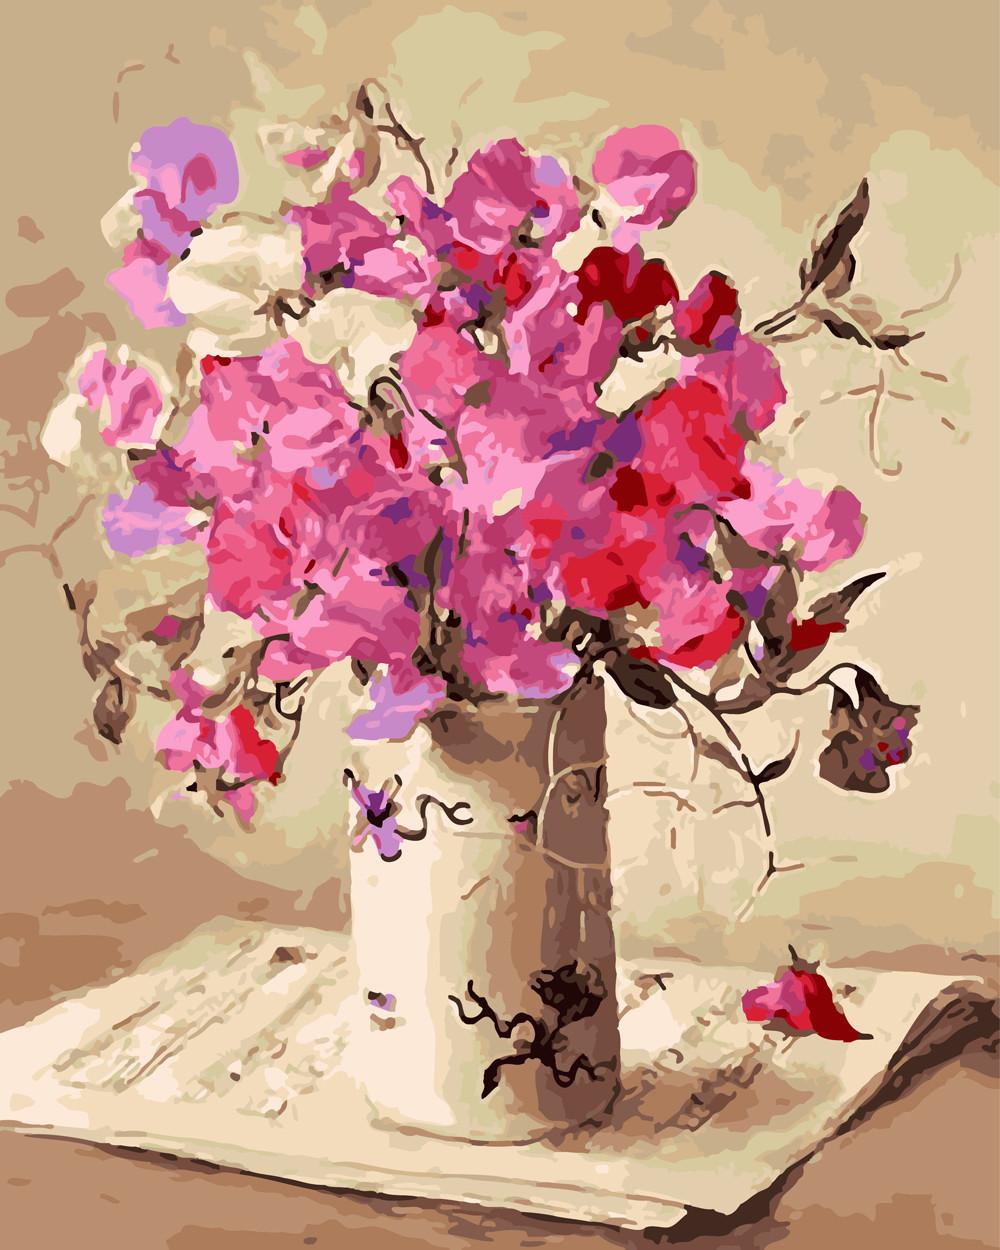 Картина по номерам Музыка цветов 40 х 50 см (BK-GX26111)